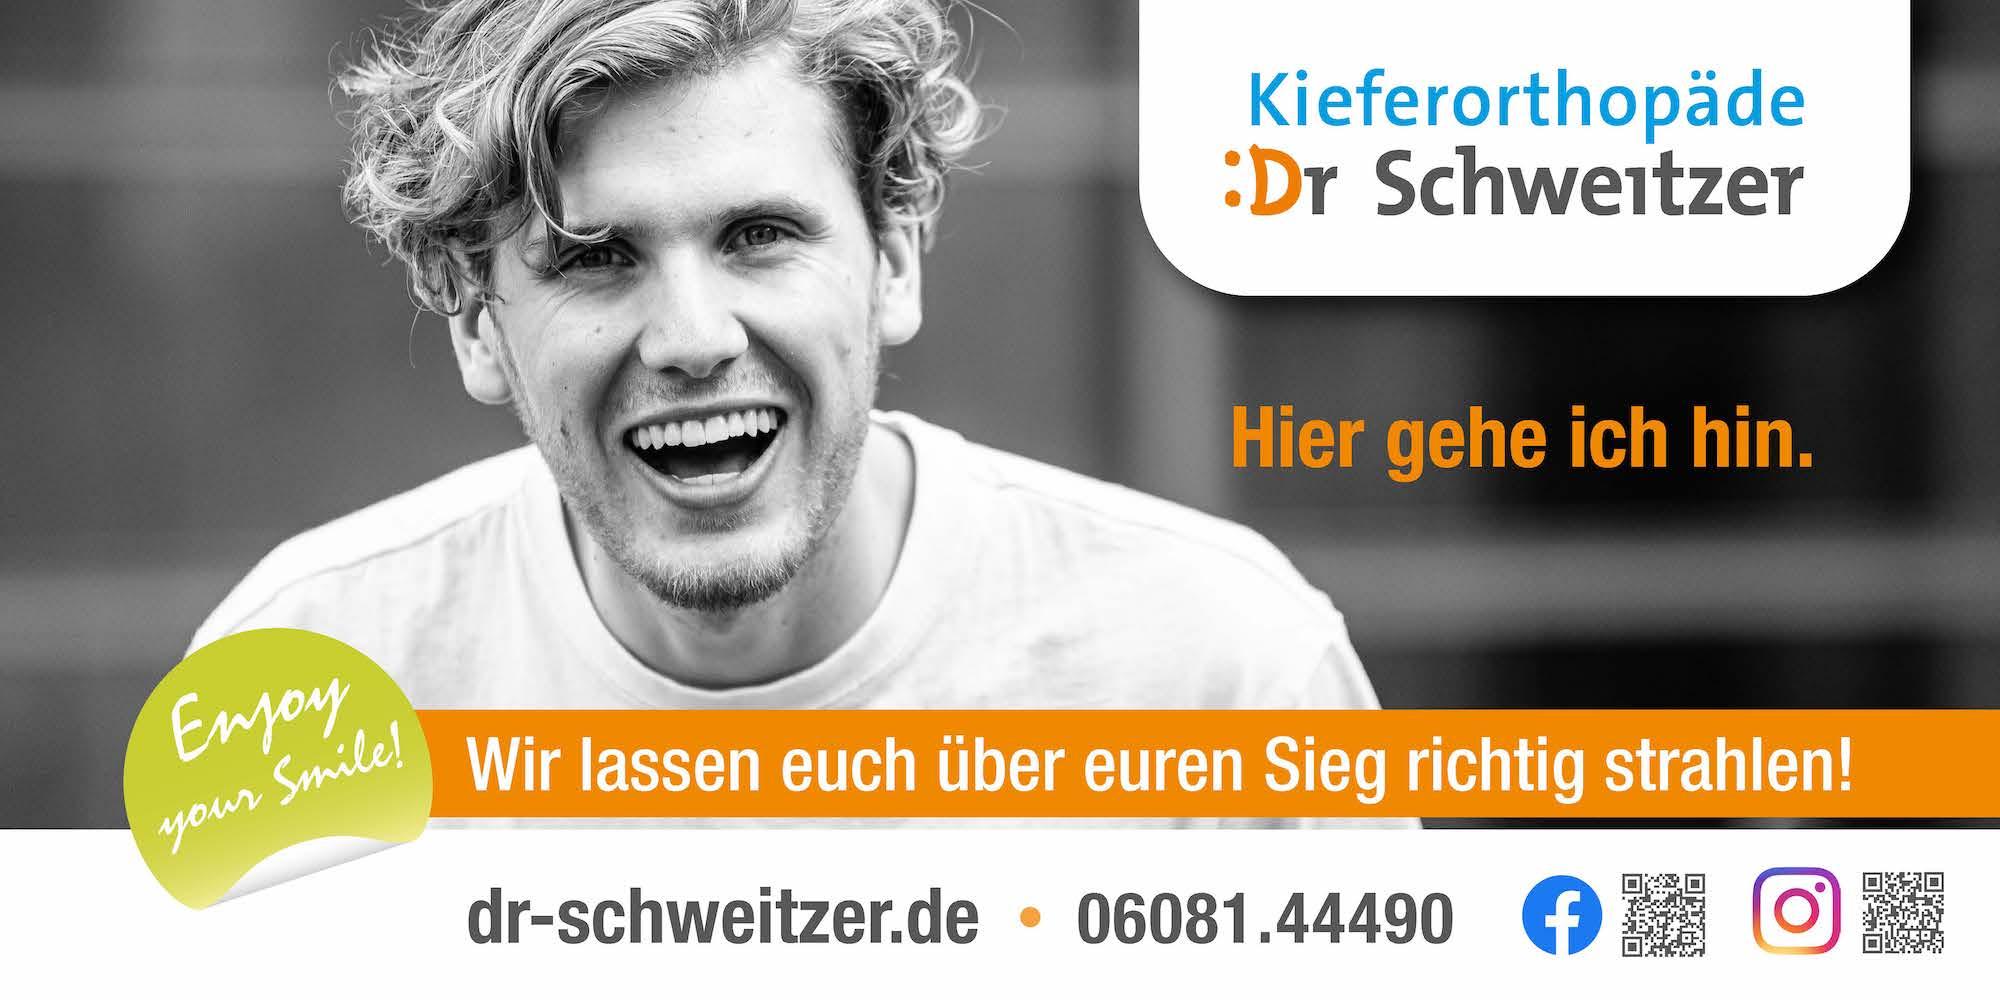 Arbeitsprobe Dr. Schweitzer Werbebanner